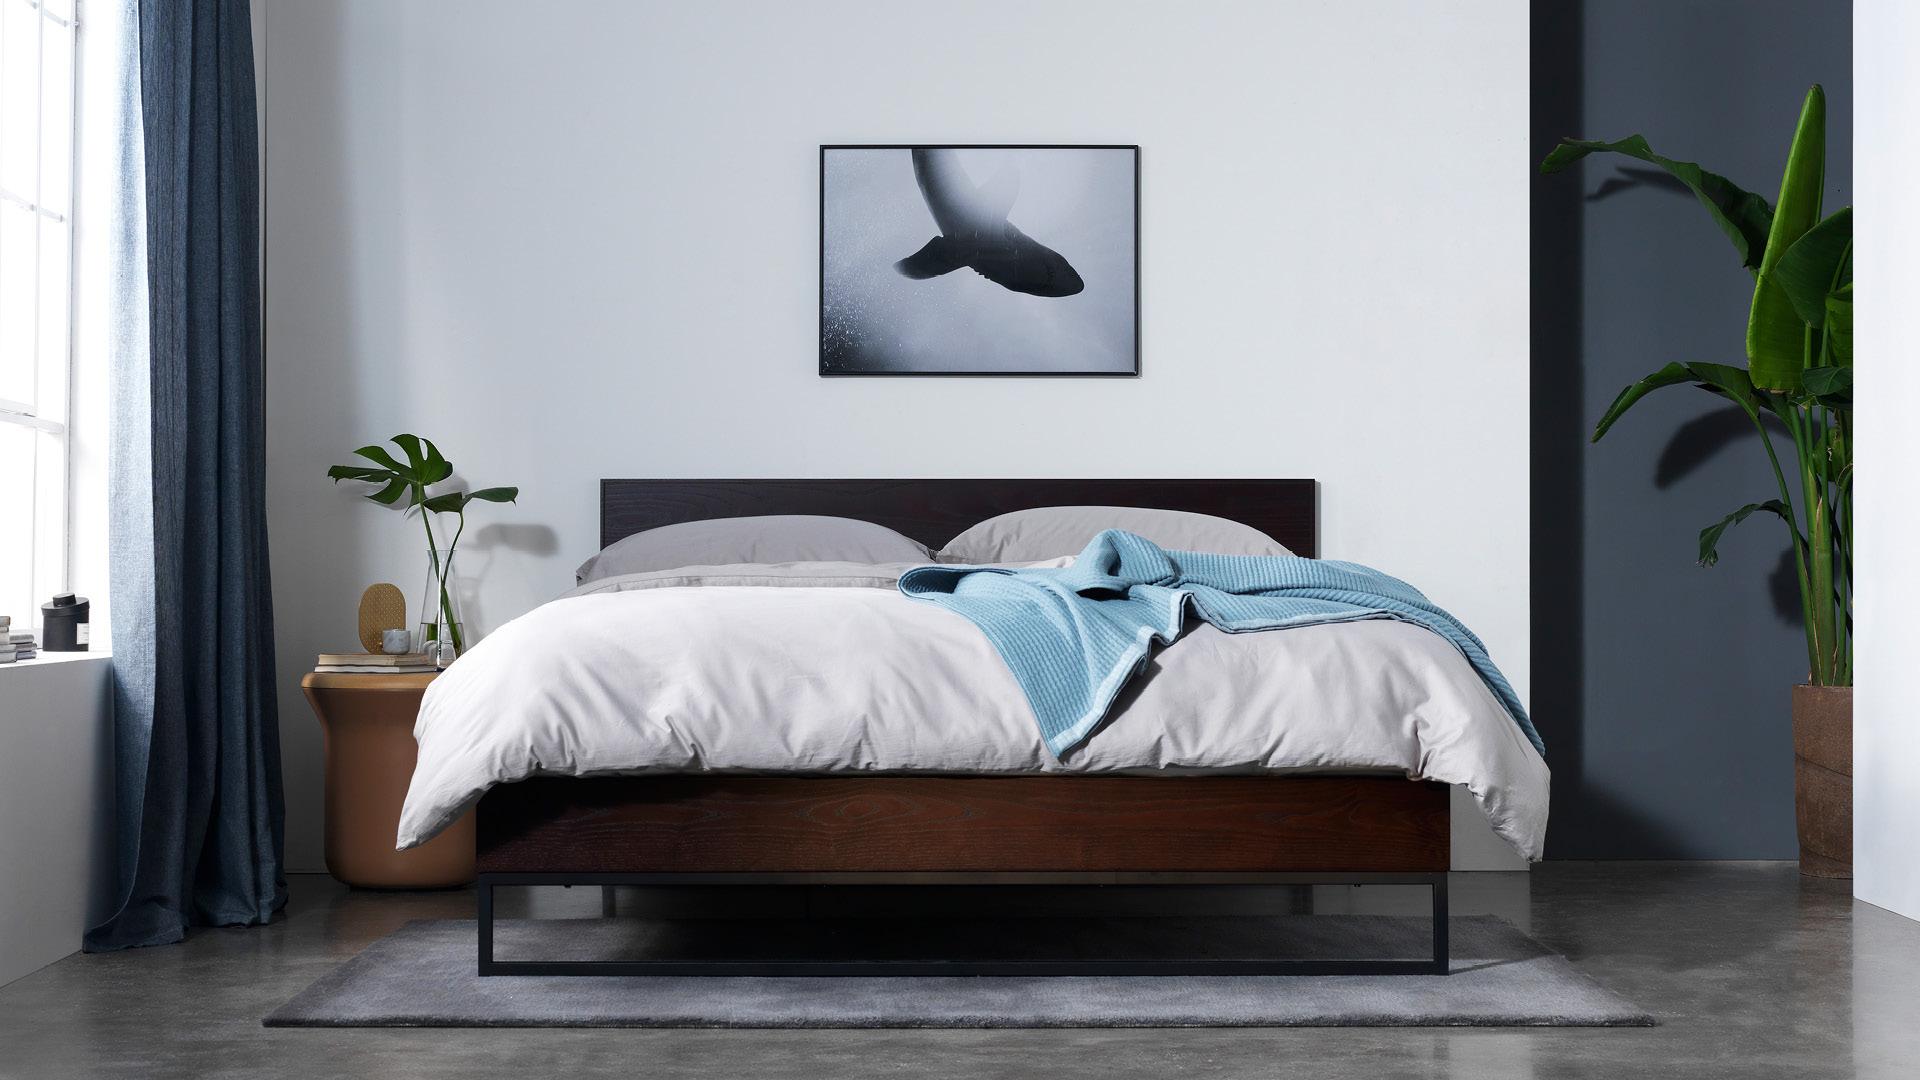 胡桃木色,给卧室的沉稳质感